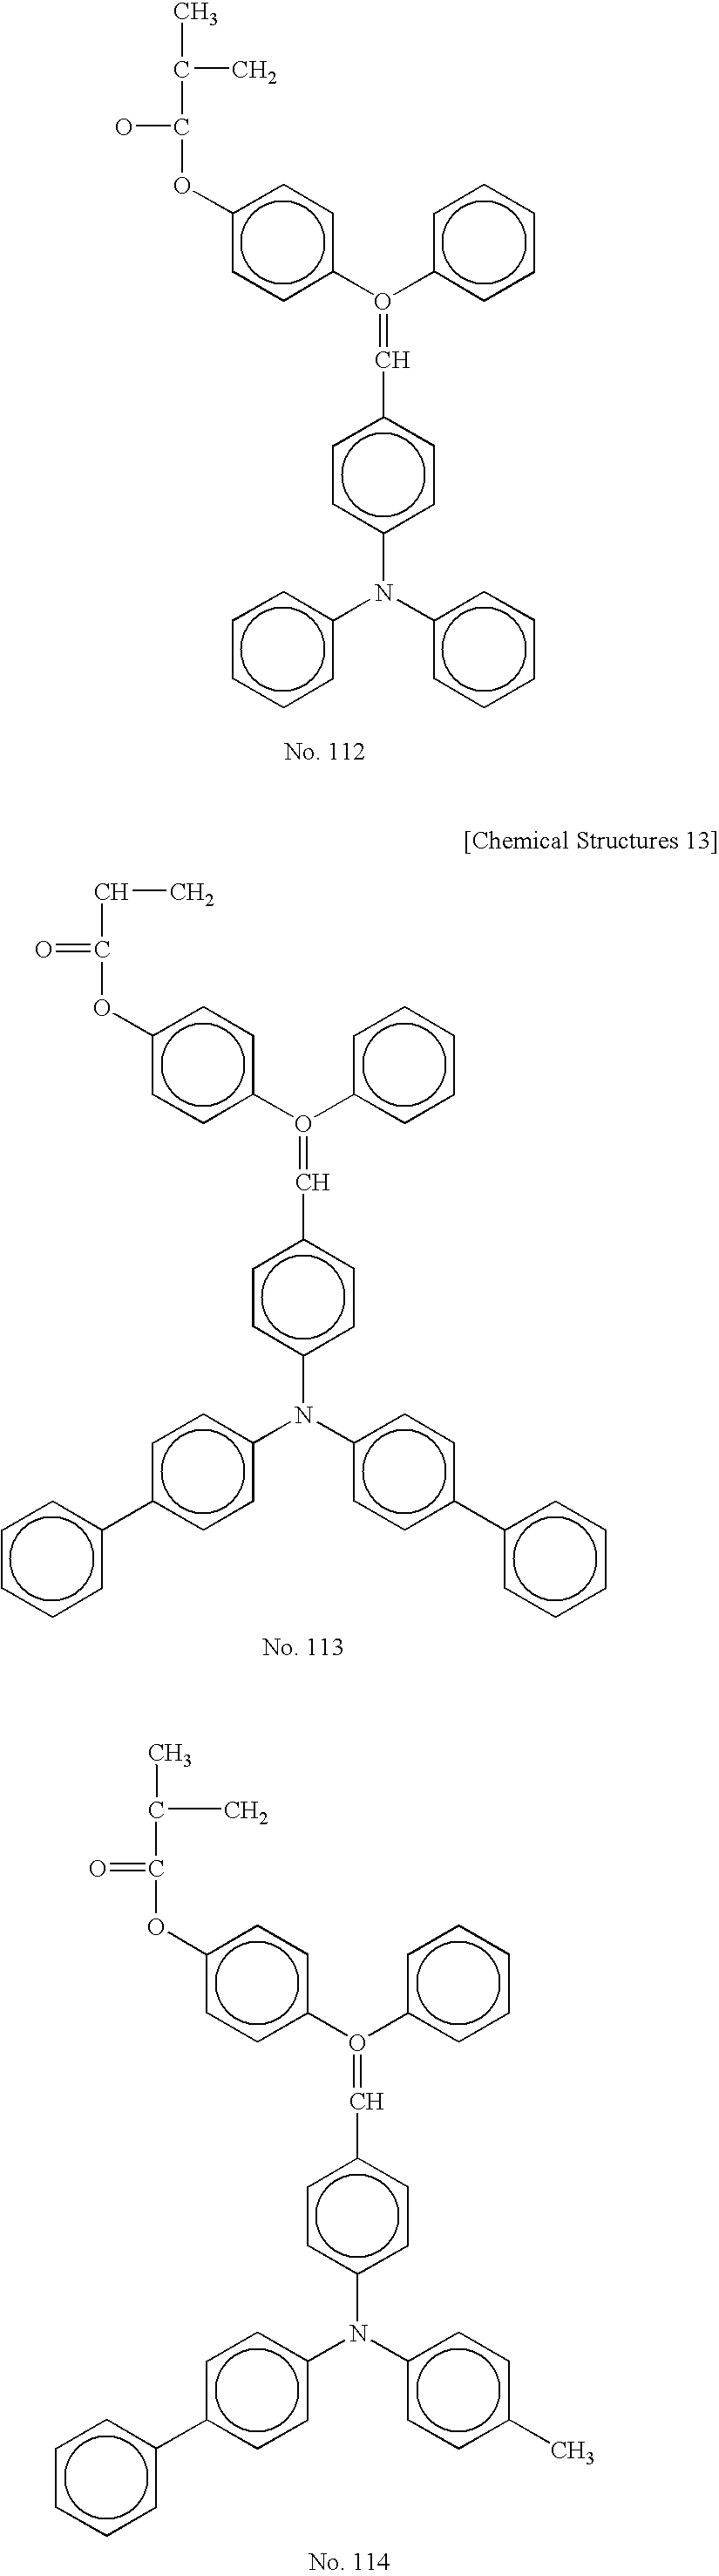 Figure US20070196749A1-20070823-C00040